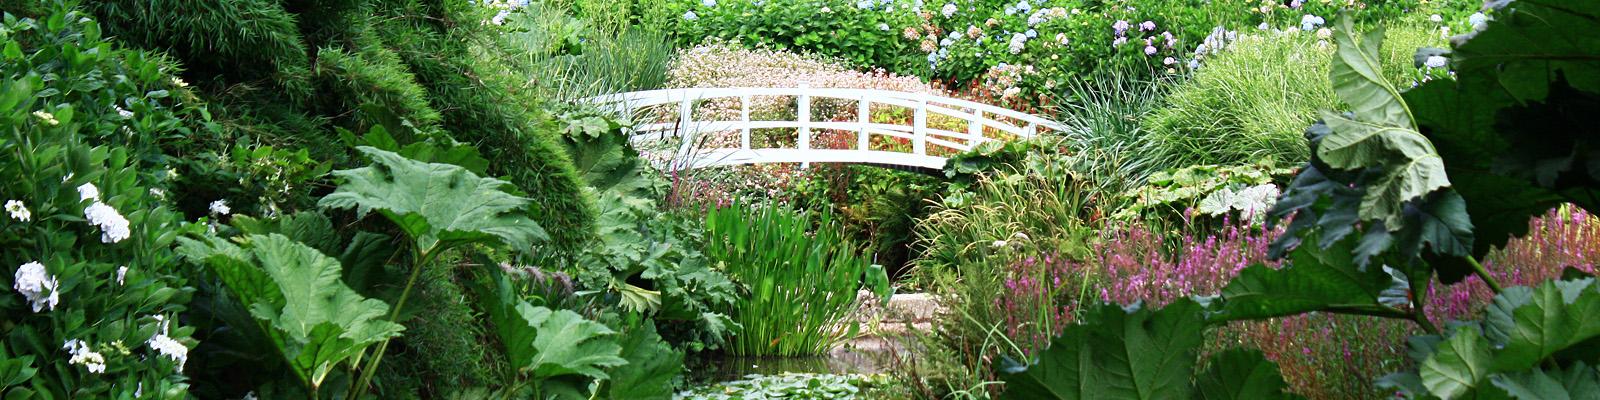 Green Parrot Gardens | Why You Need a Garden Designer | Bridge